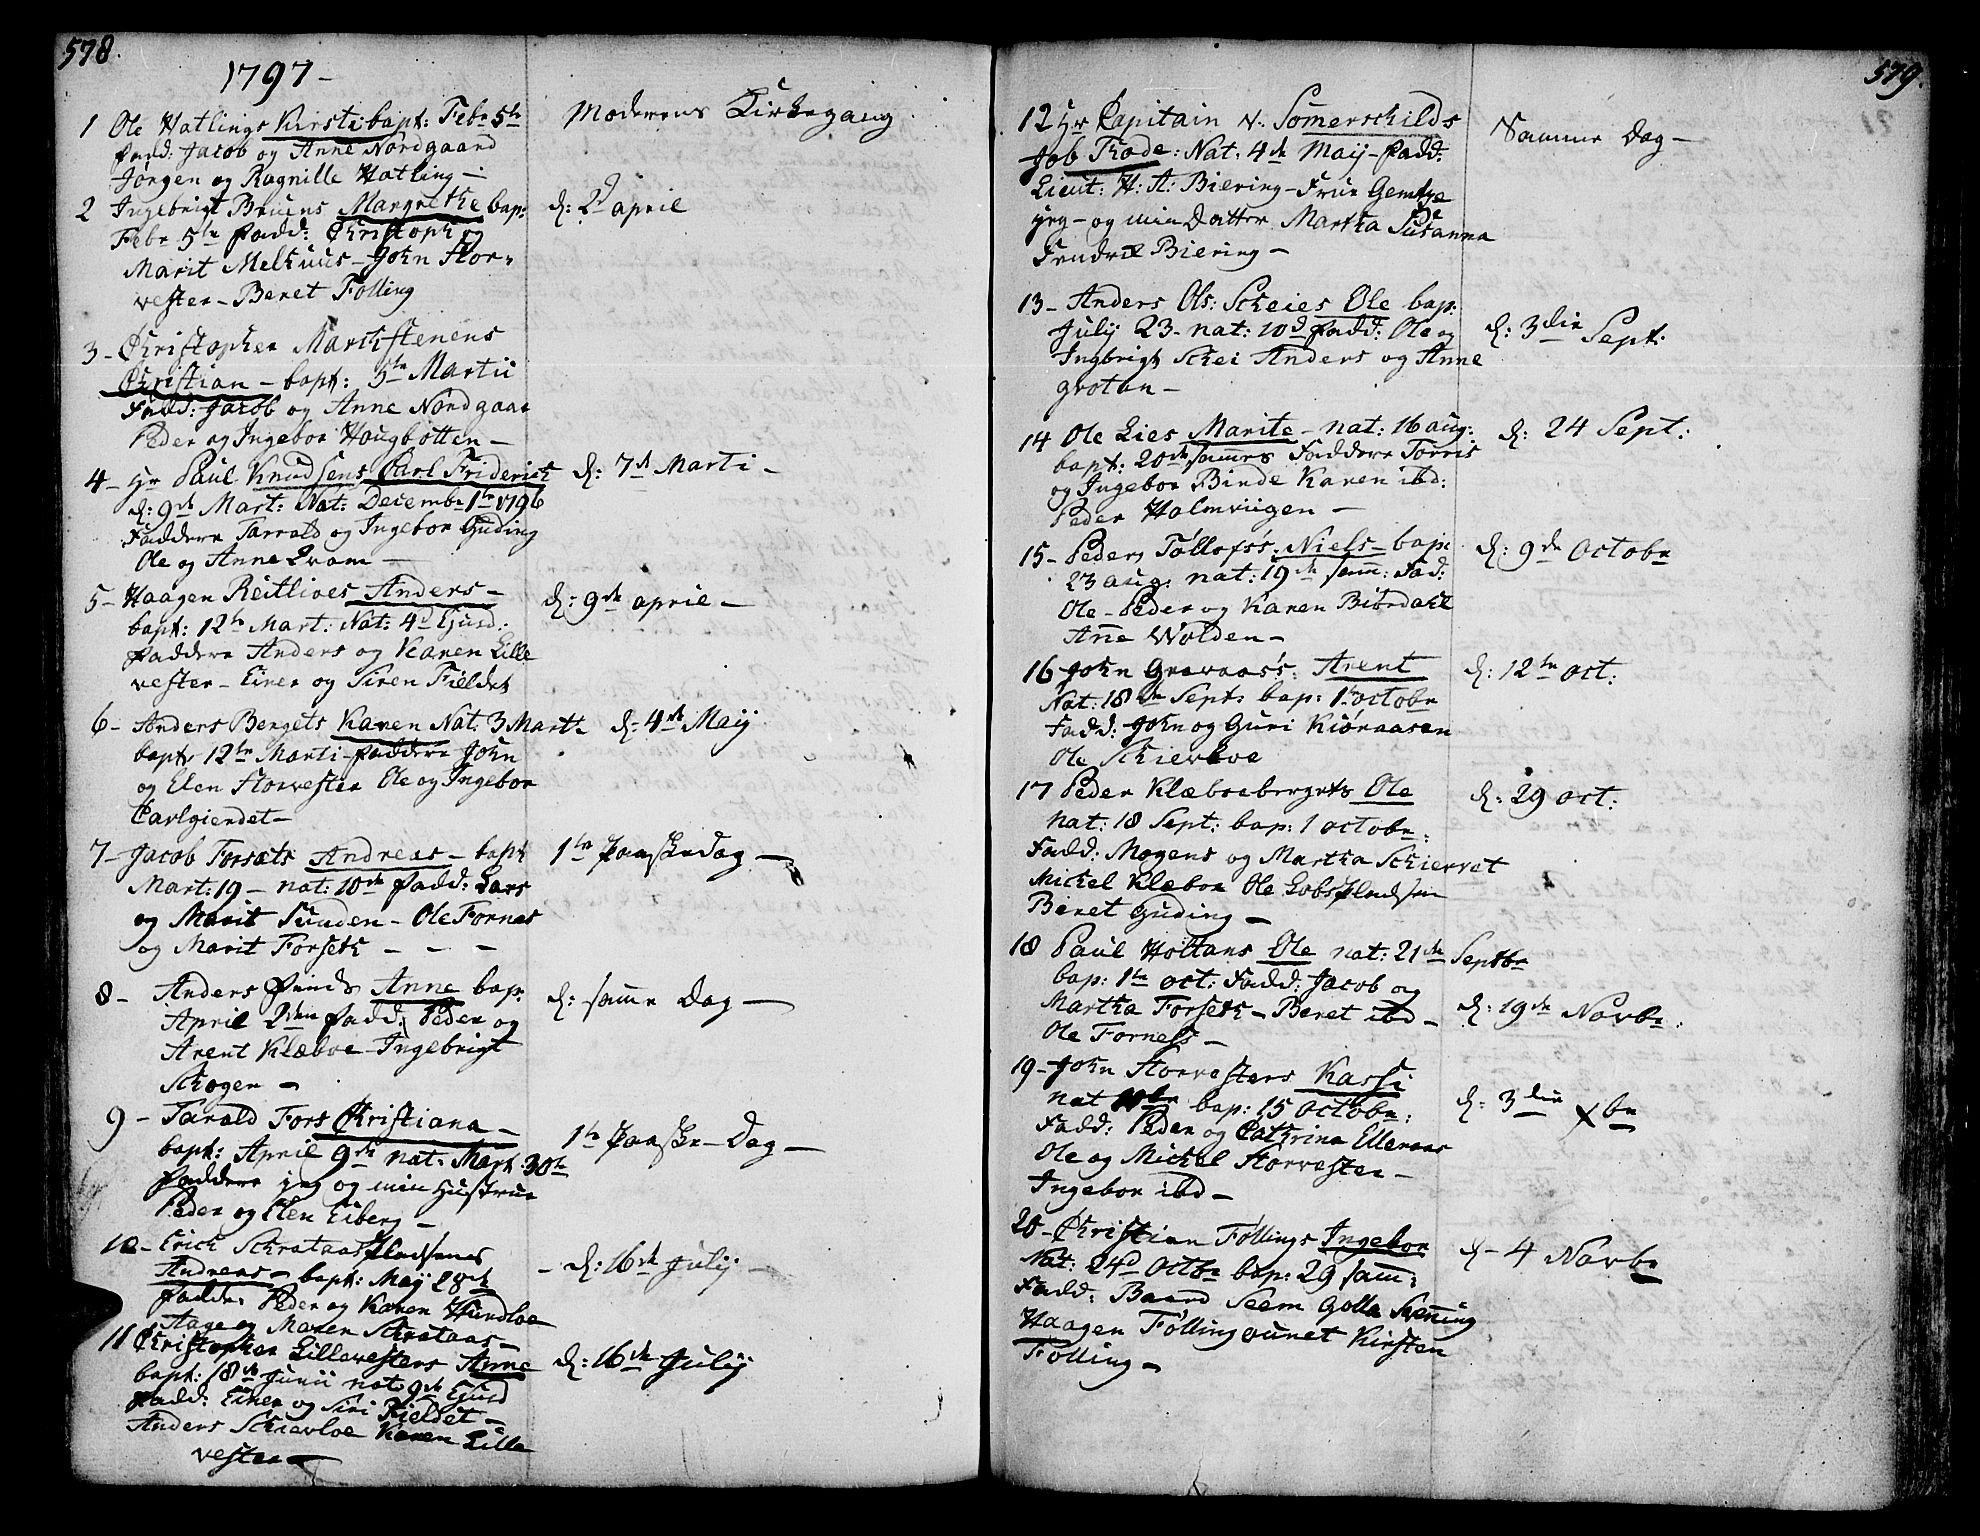 SAT, Ministerialprotokoller, klokkerbøker og fødselsregistre - Nord-Trøndelag, 746/L0440: Ministerialbok nr. 746A02, 1760-1815, s. 578-579